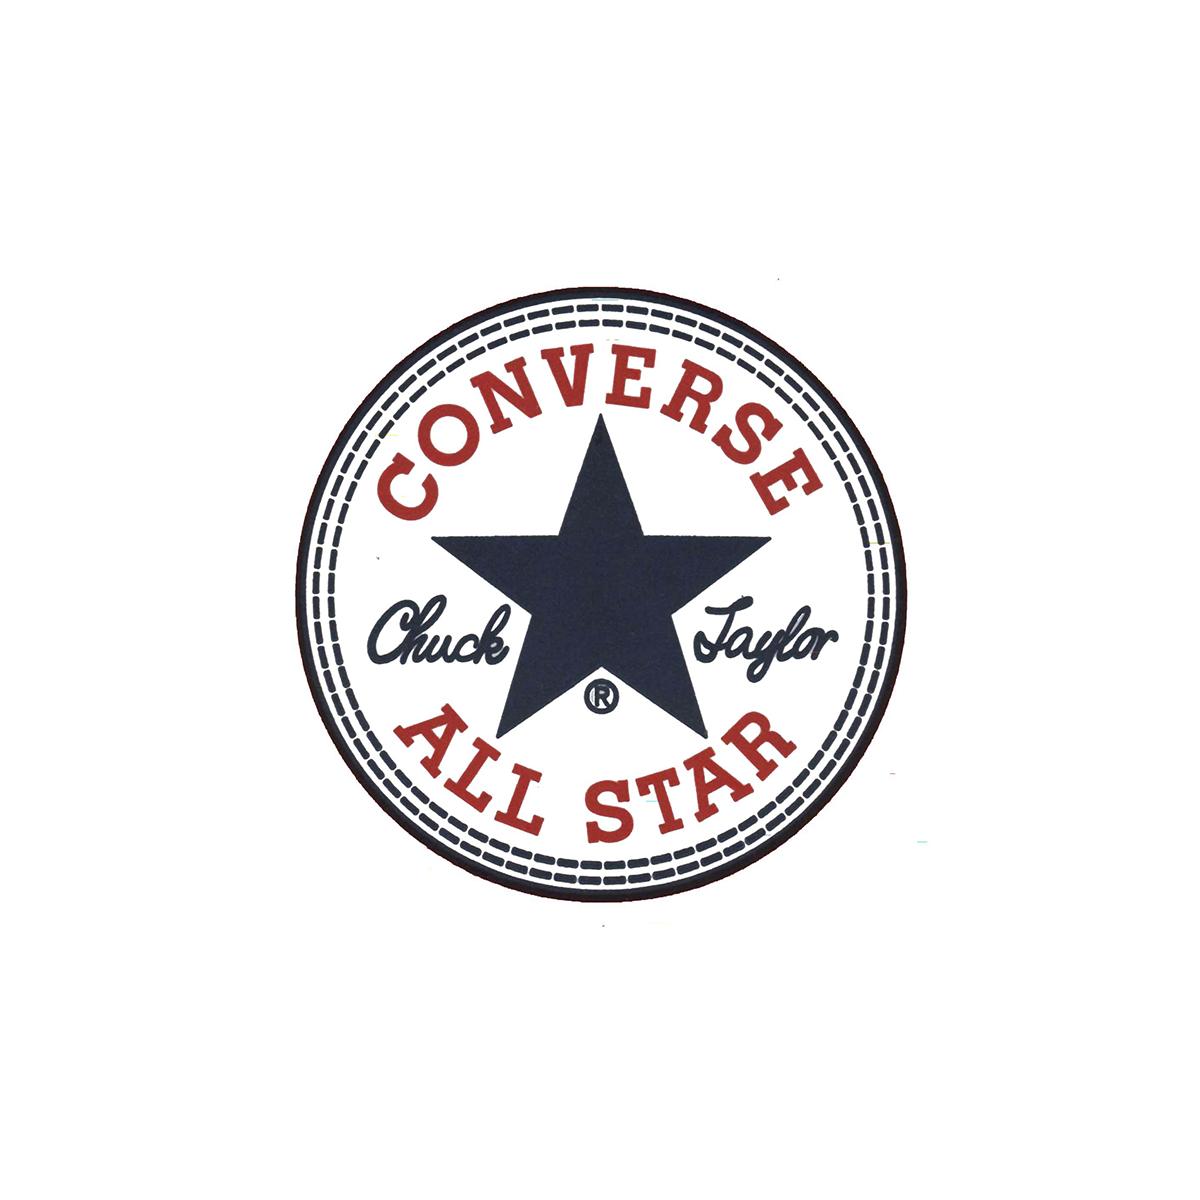 Cubeta Corbata Contratación  Converse All Star é na Bebê de Grife | Adesivos para impressão, Adesivos  sticker, Adesivos bonitos